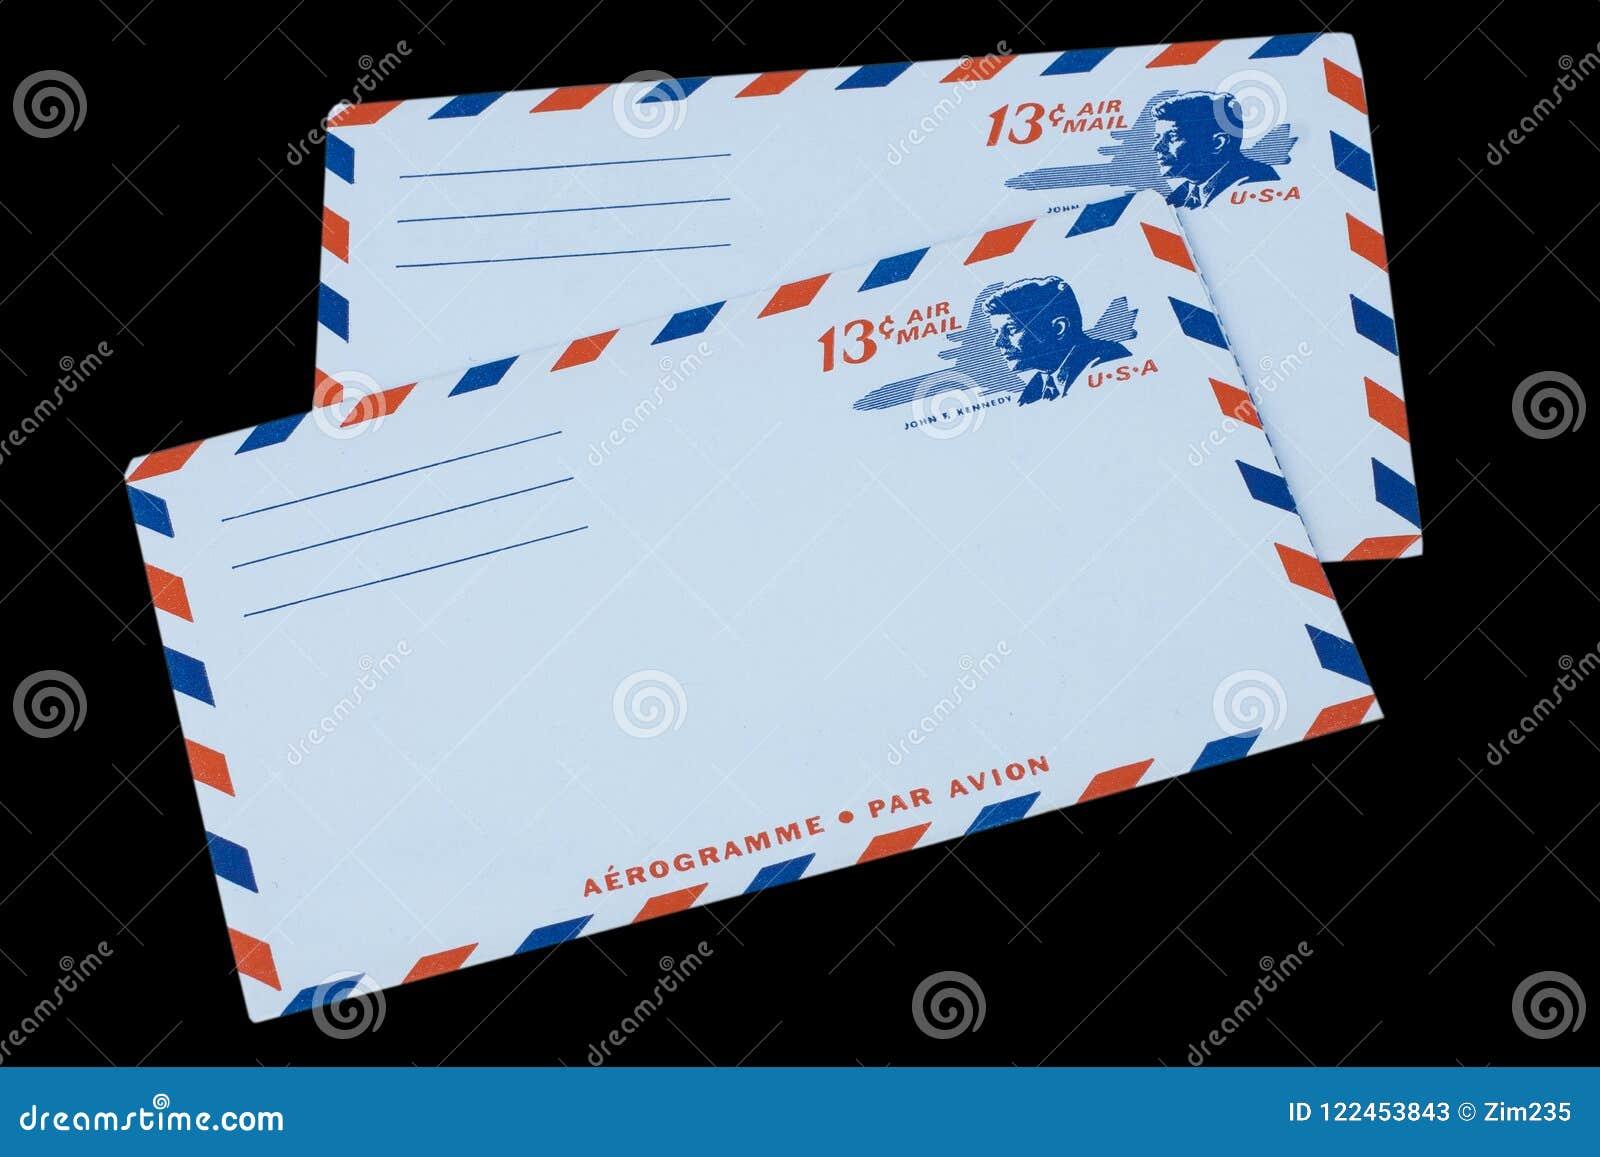 DIE VEREINIGTEN STAATEN VON AMERIKA - CIRCA 1968: Ein alter Umschlag für Luftpost mit einem Porträt von John F kennedy